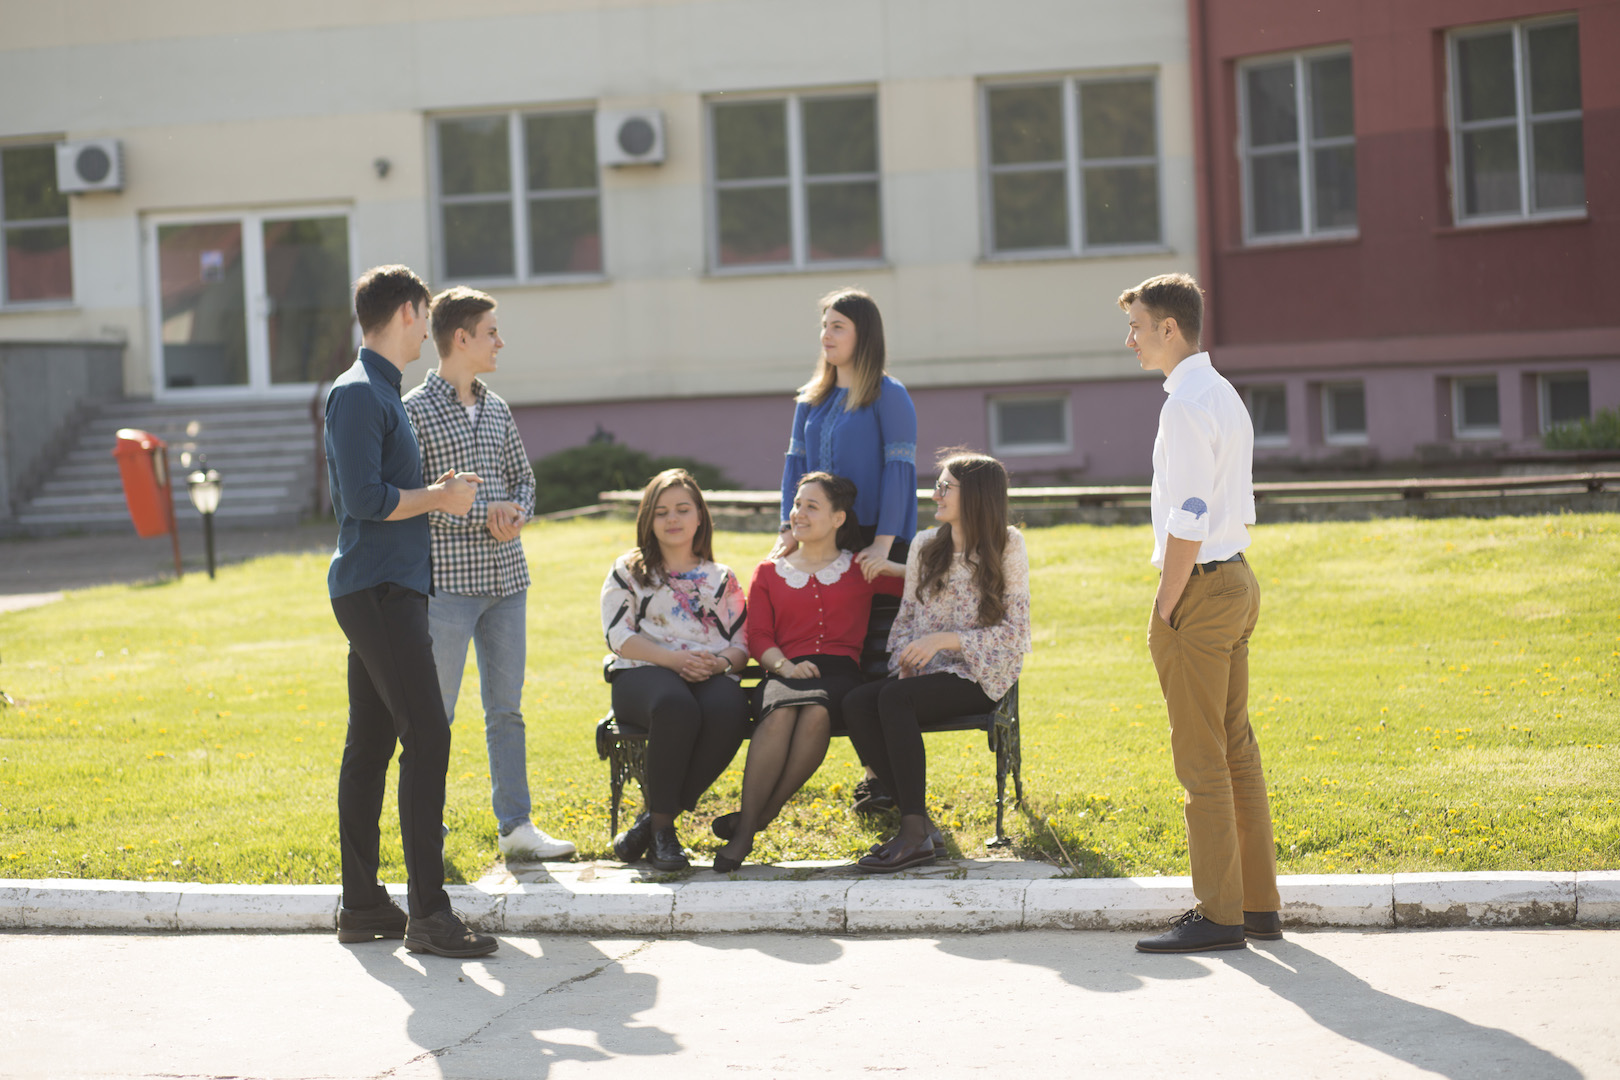 Sesiune de admitere la Universitatea Adventus din Cernica